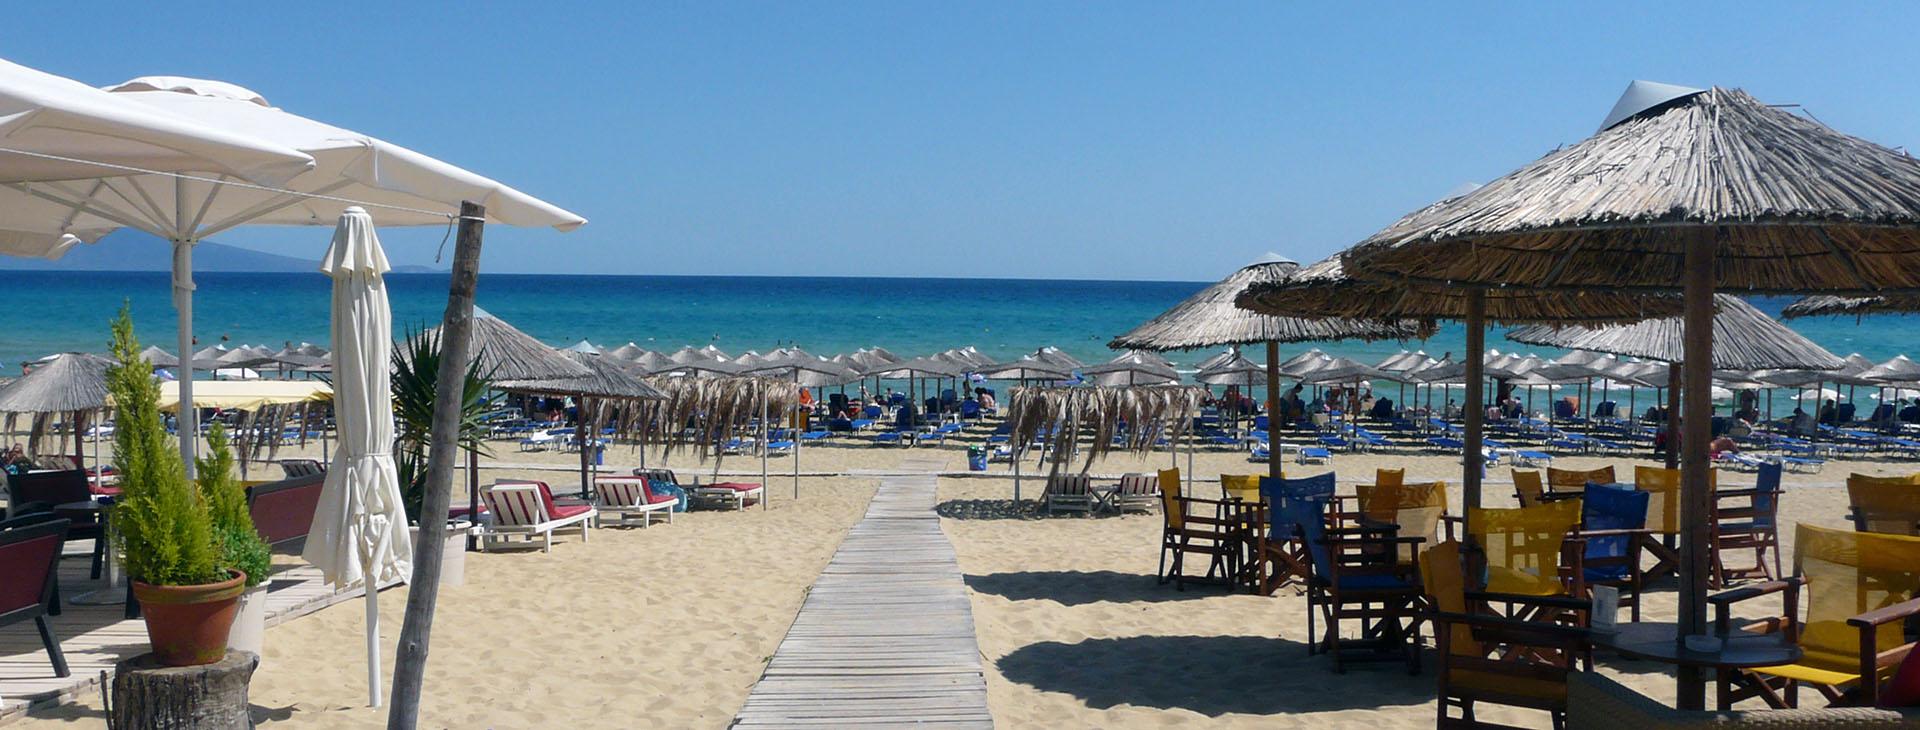 Ammolofoi beach, Nea Peramos, Kavala town